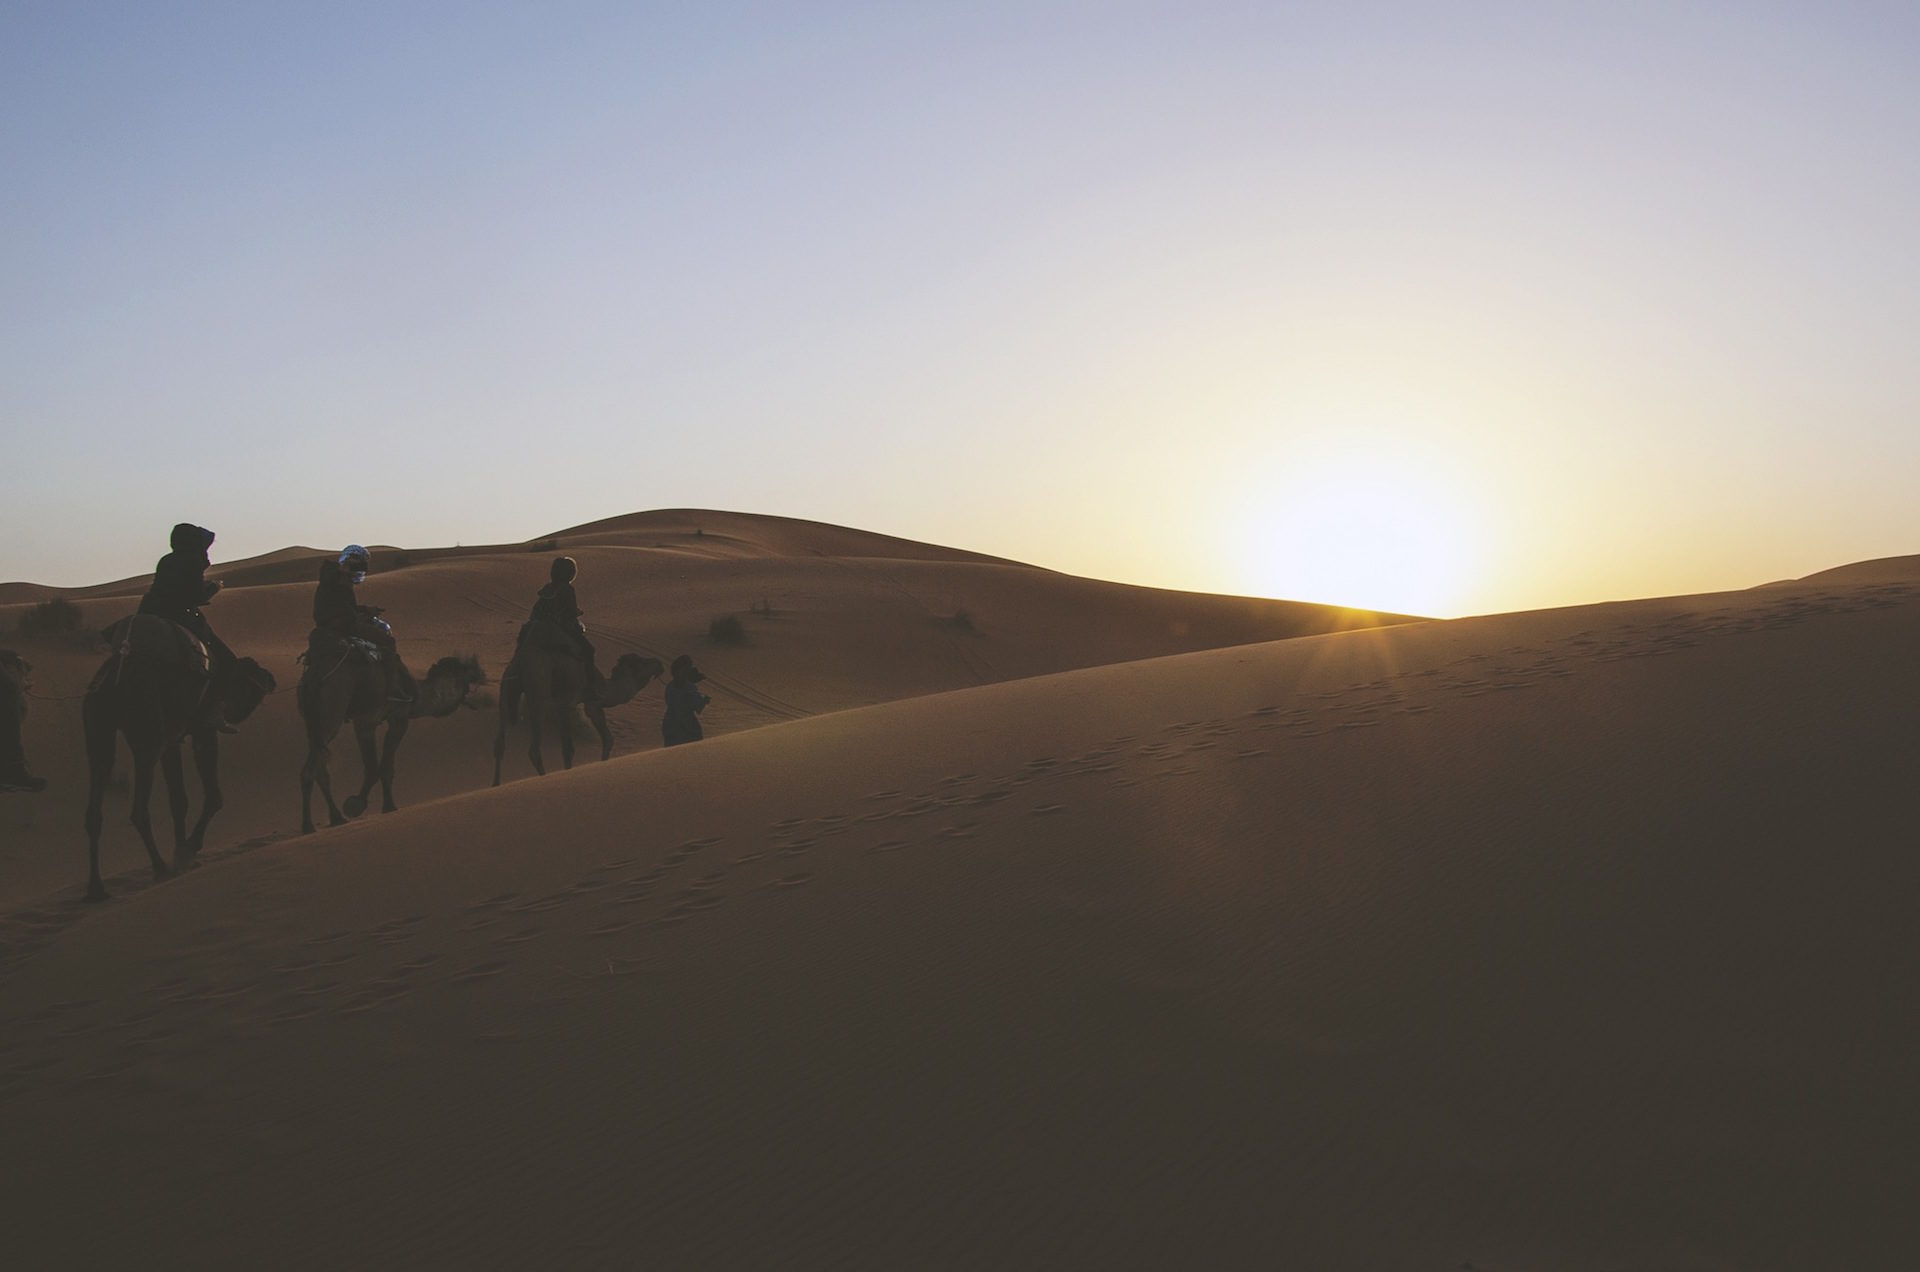 deserto, cammelli, sabbia, orme, ,Sole - Sfondi HD - Professor-falken.com